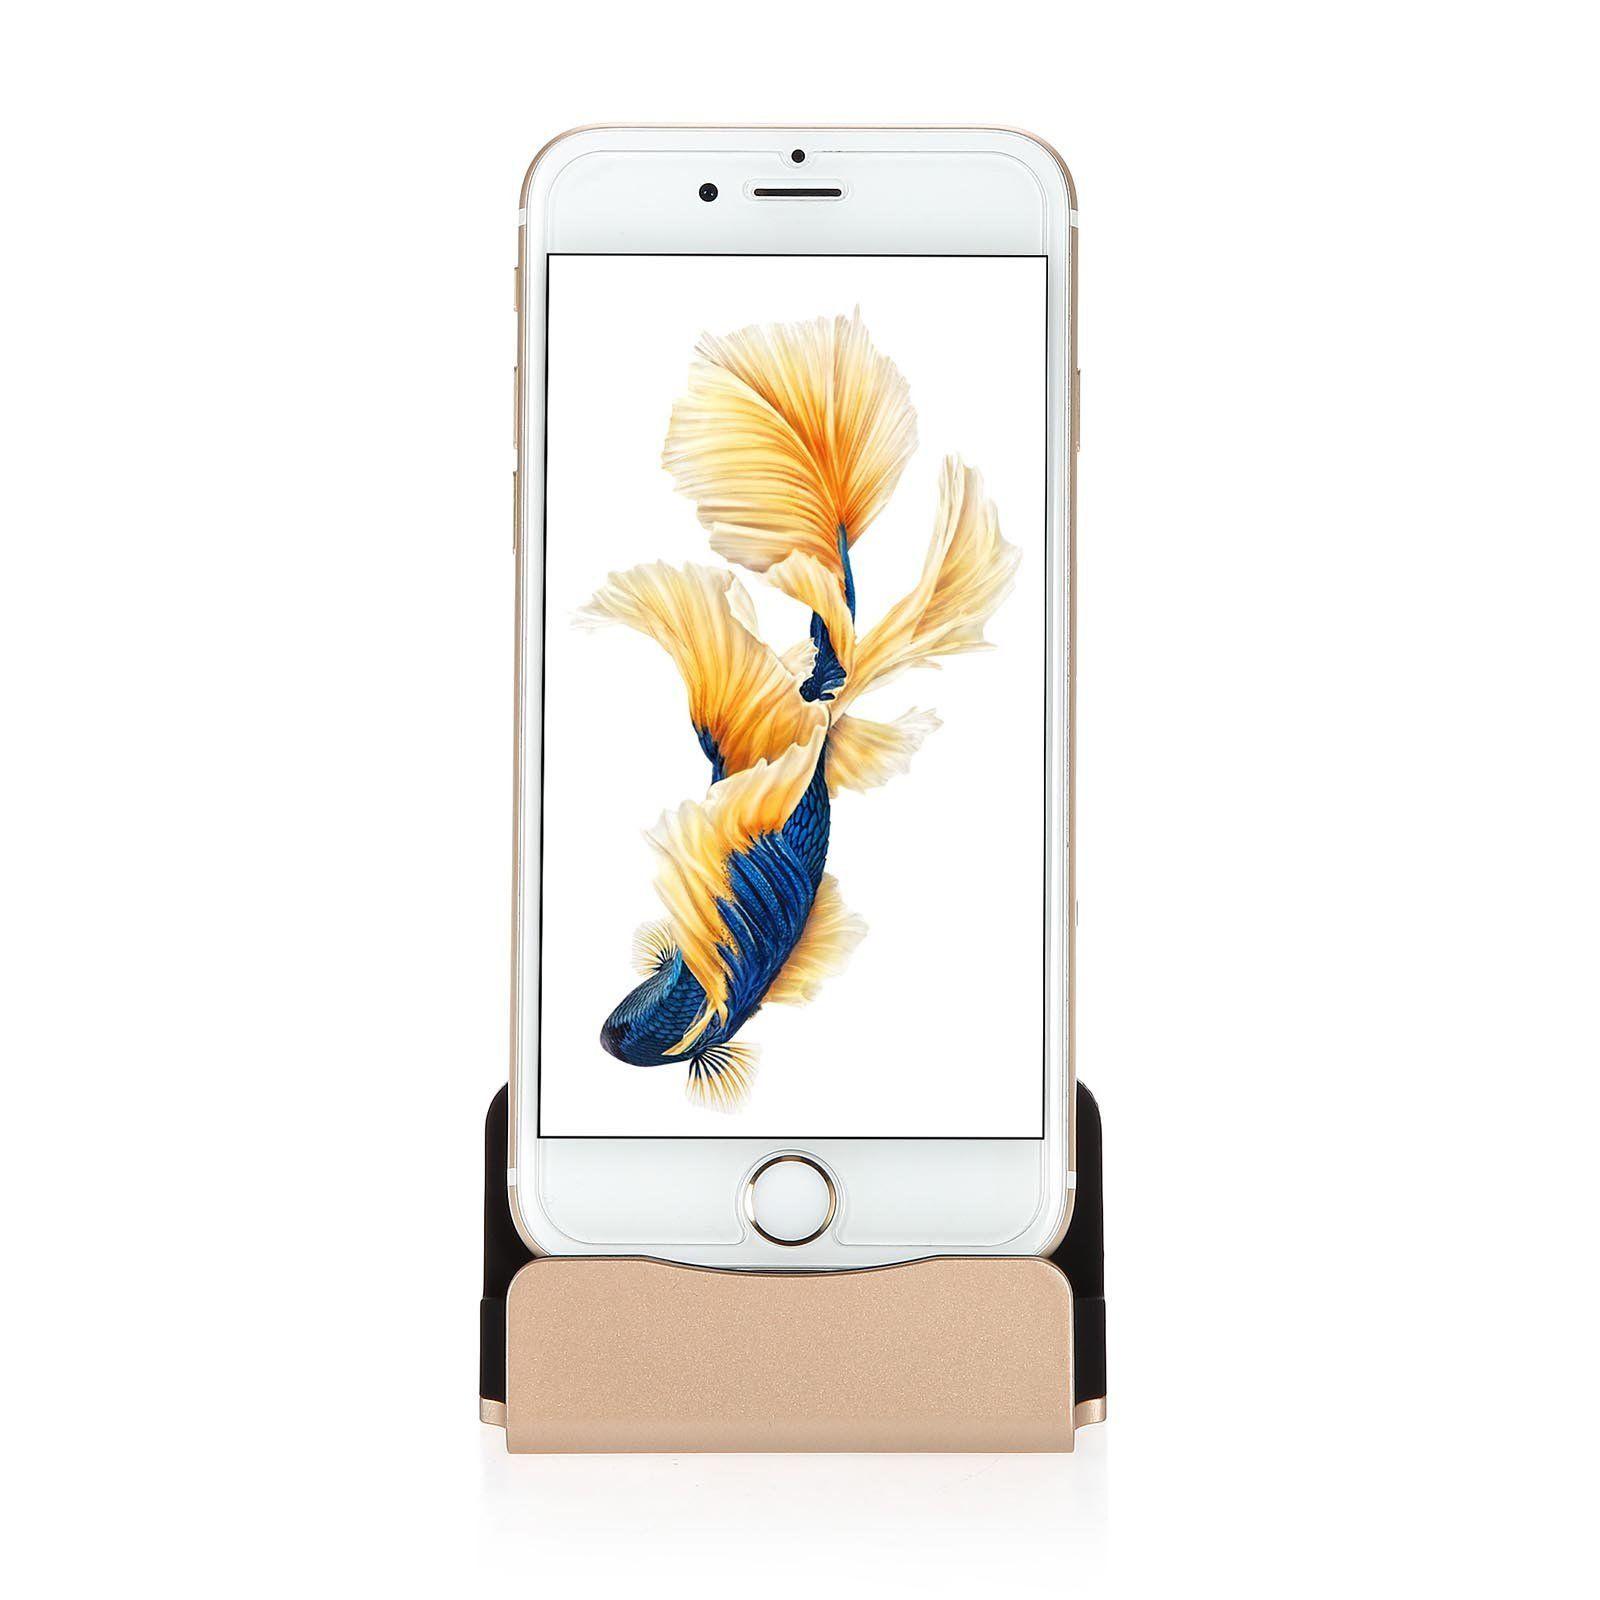 แท่นชาร์จ สำหรับไอโฟน สีทอง